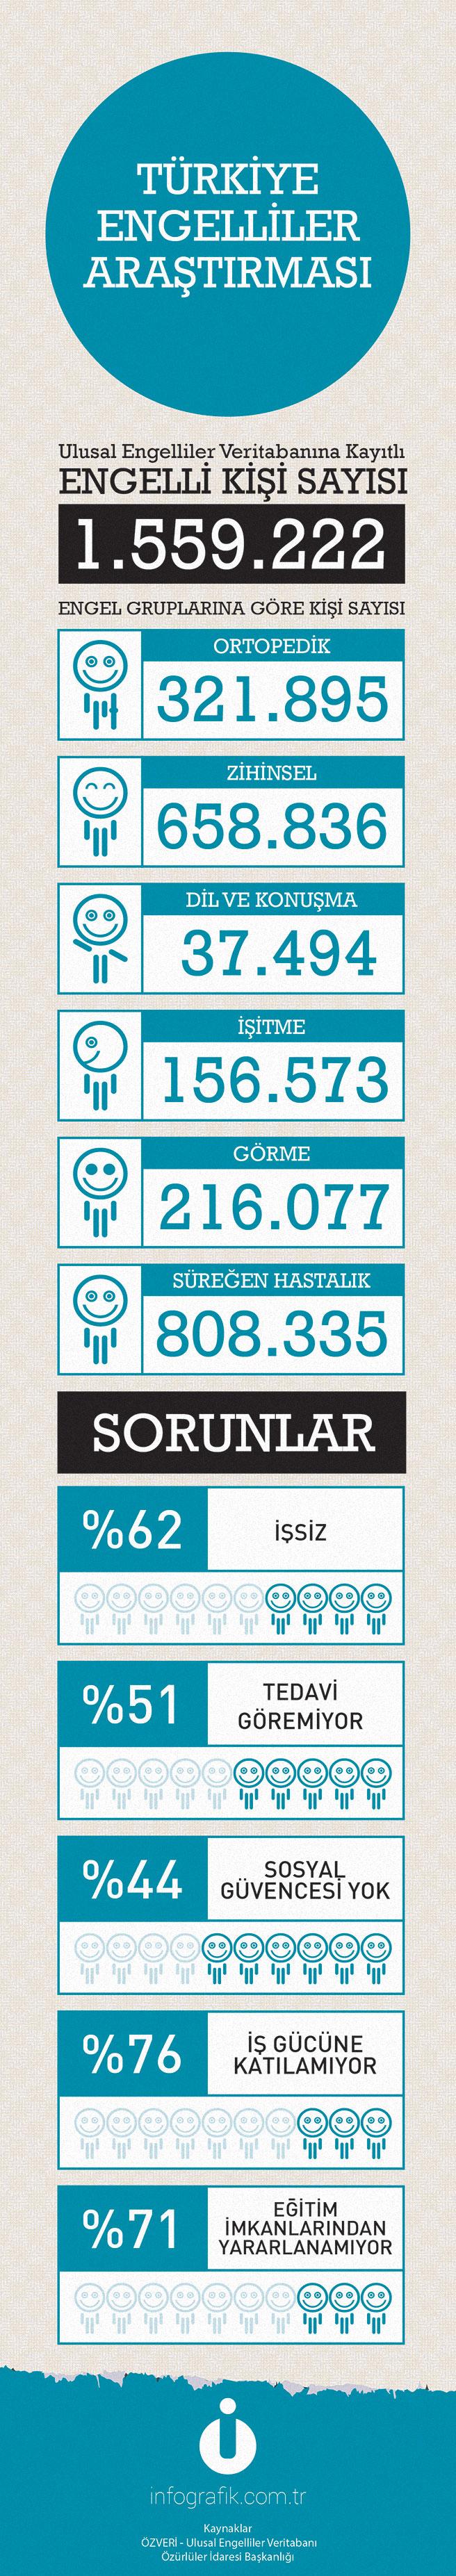 Türkiye Engelliler Araştırması